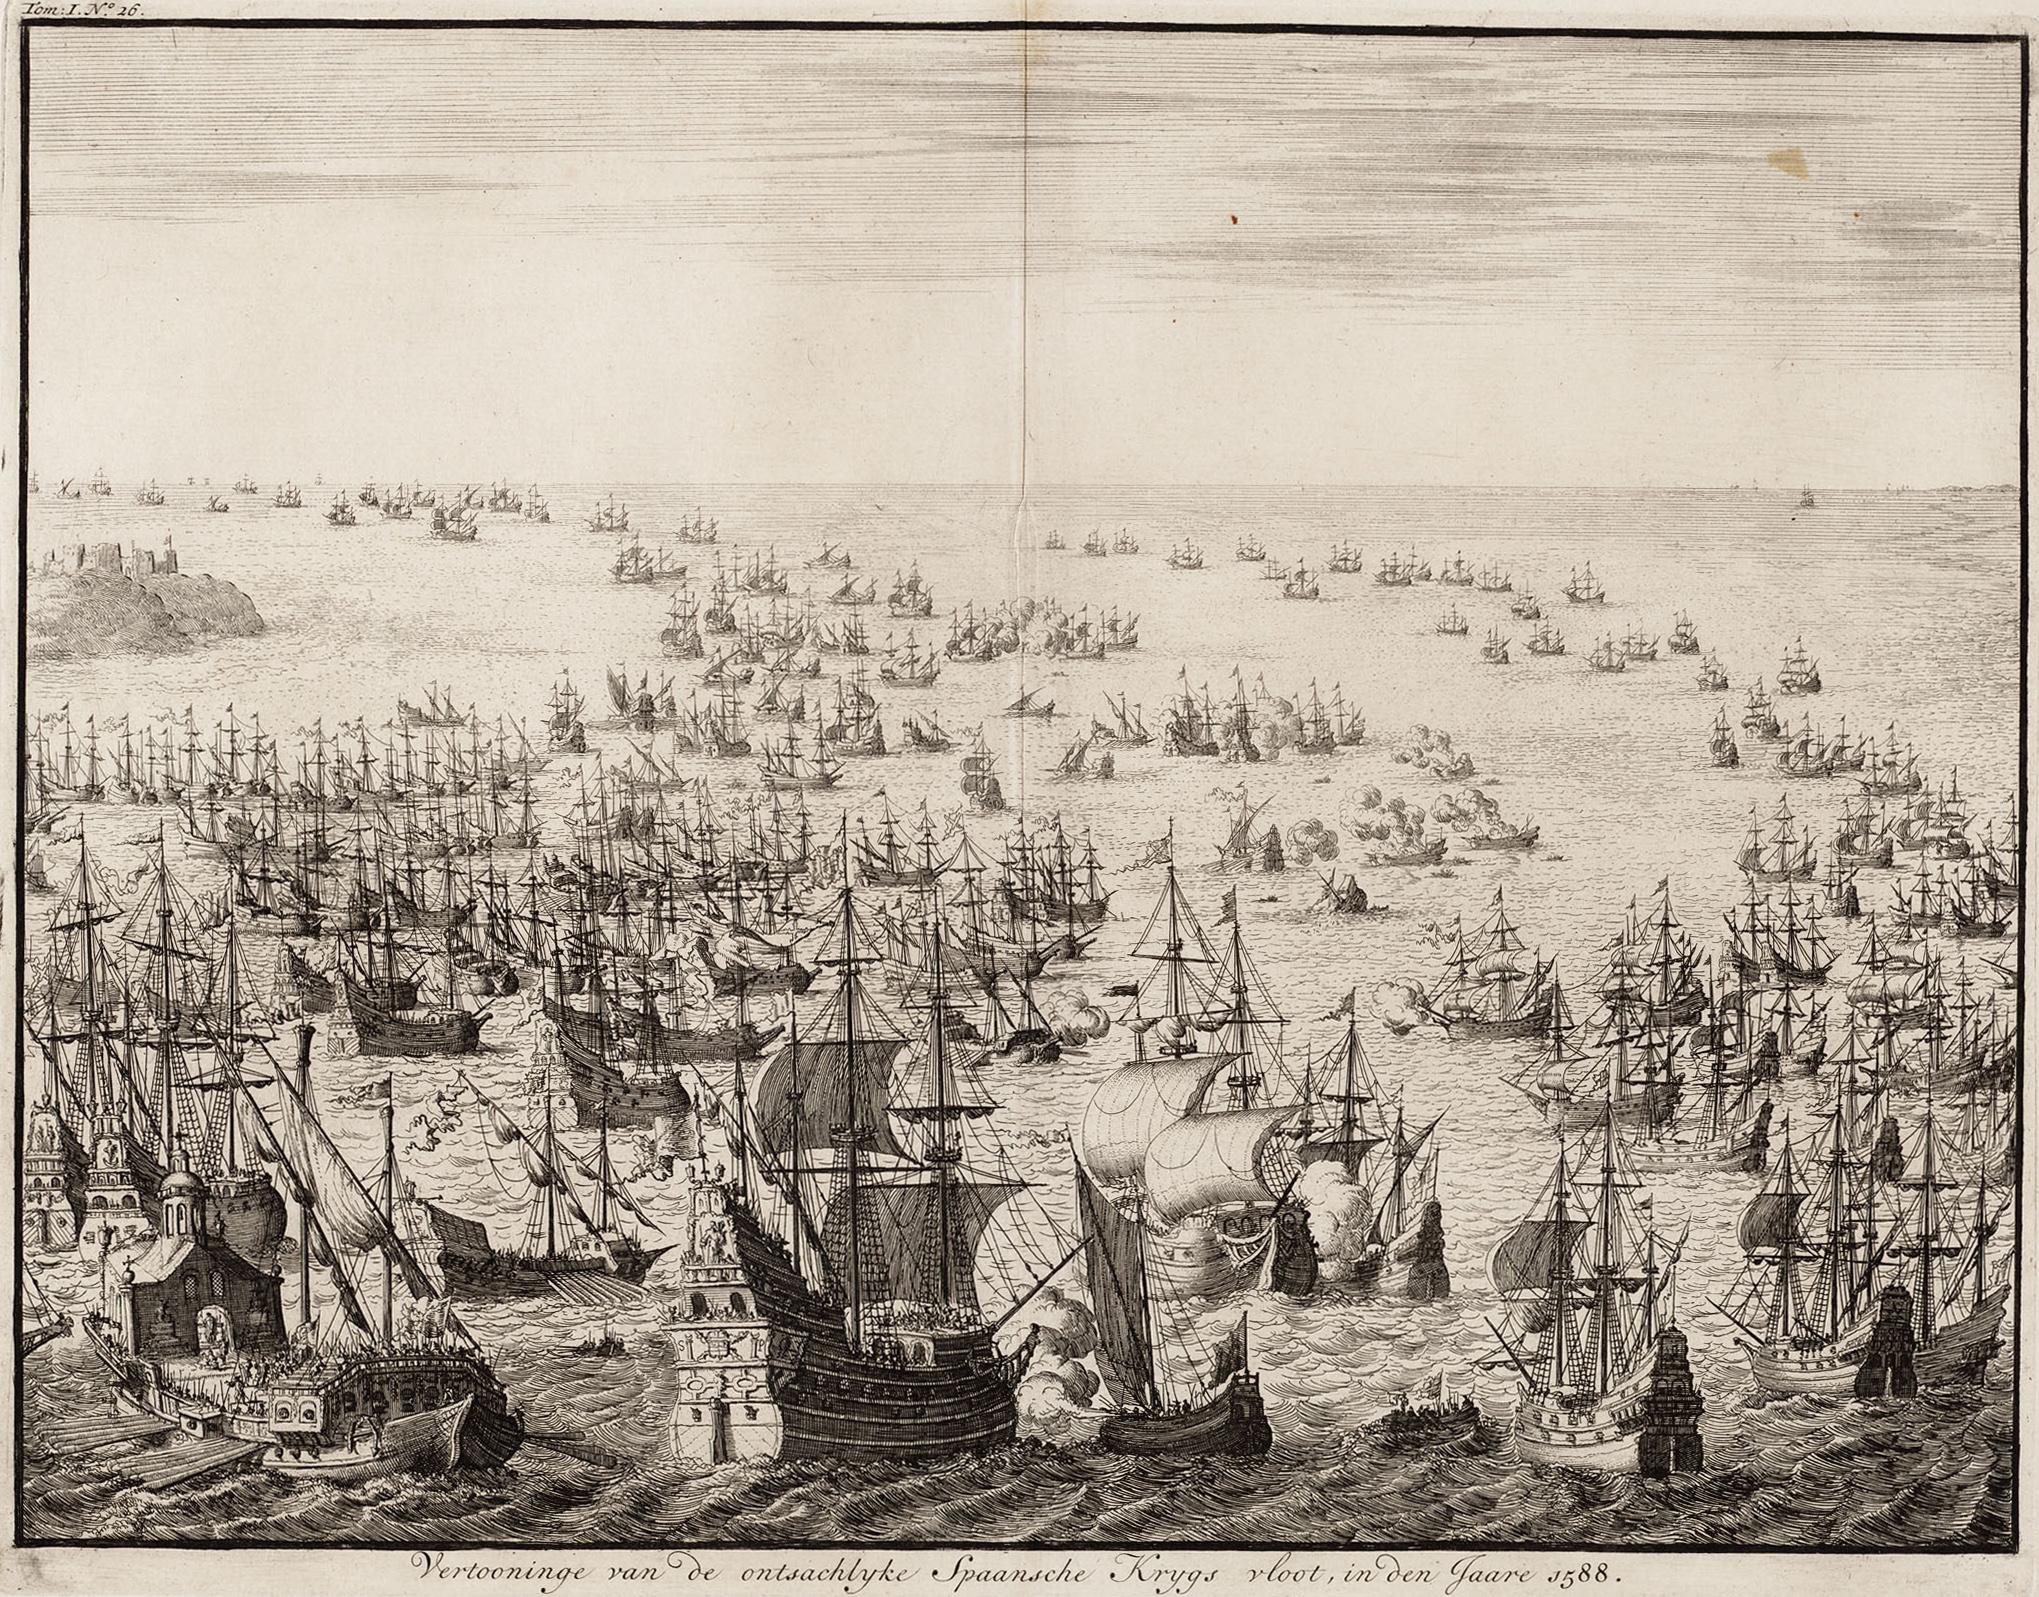 File:Vertooninge van de ontsachlyke Spaansche krygs vloot, in den jaare 1588  - The